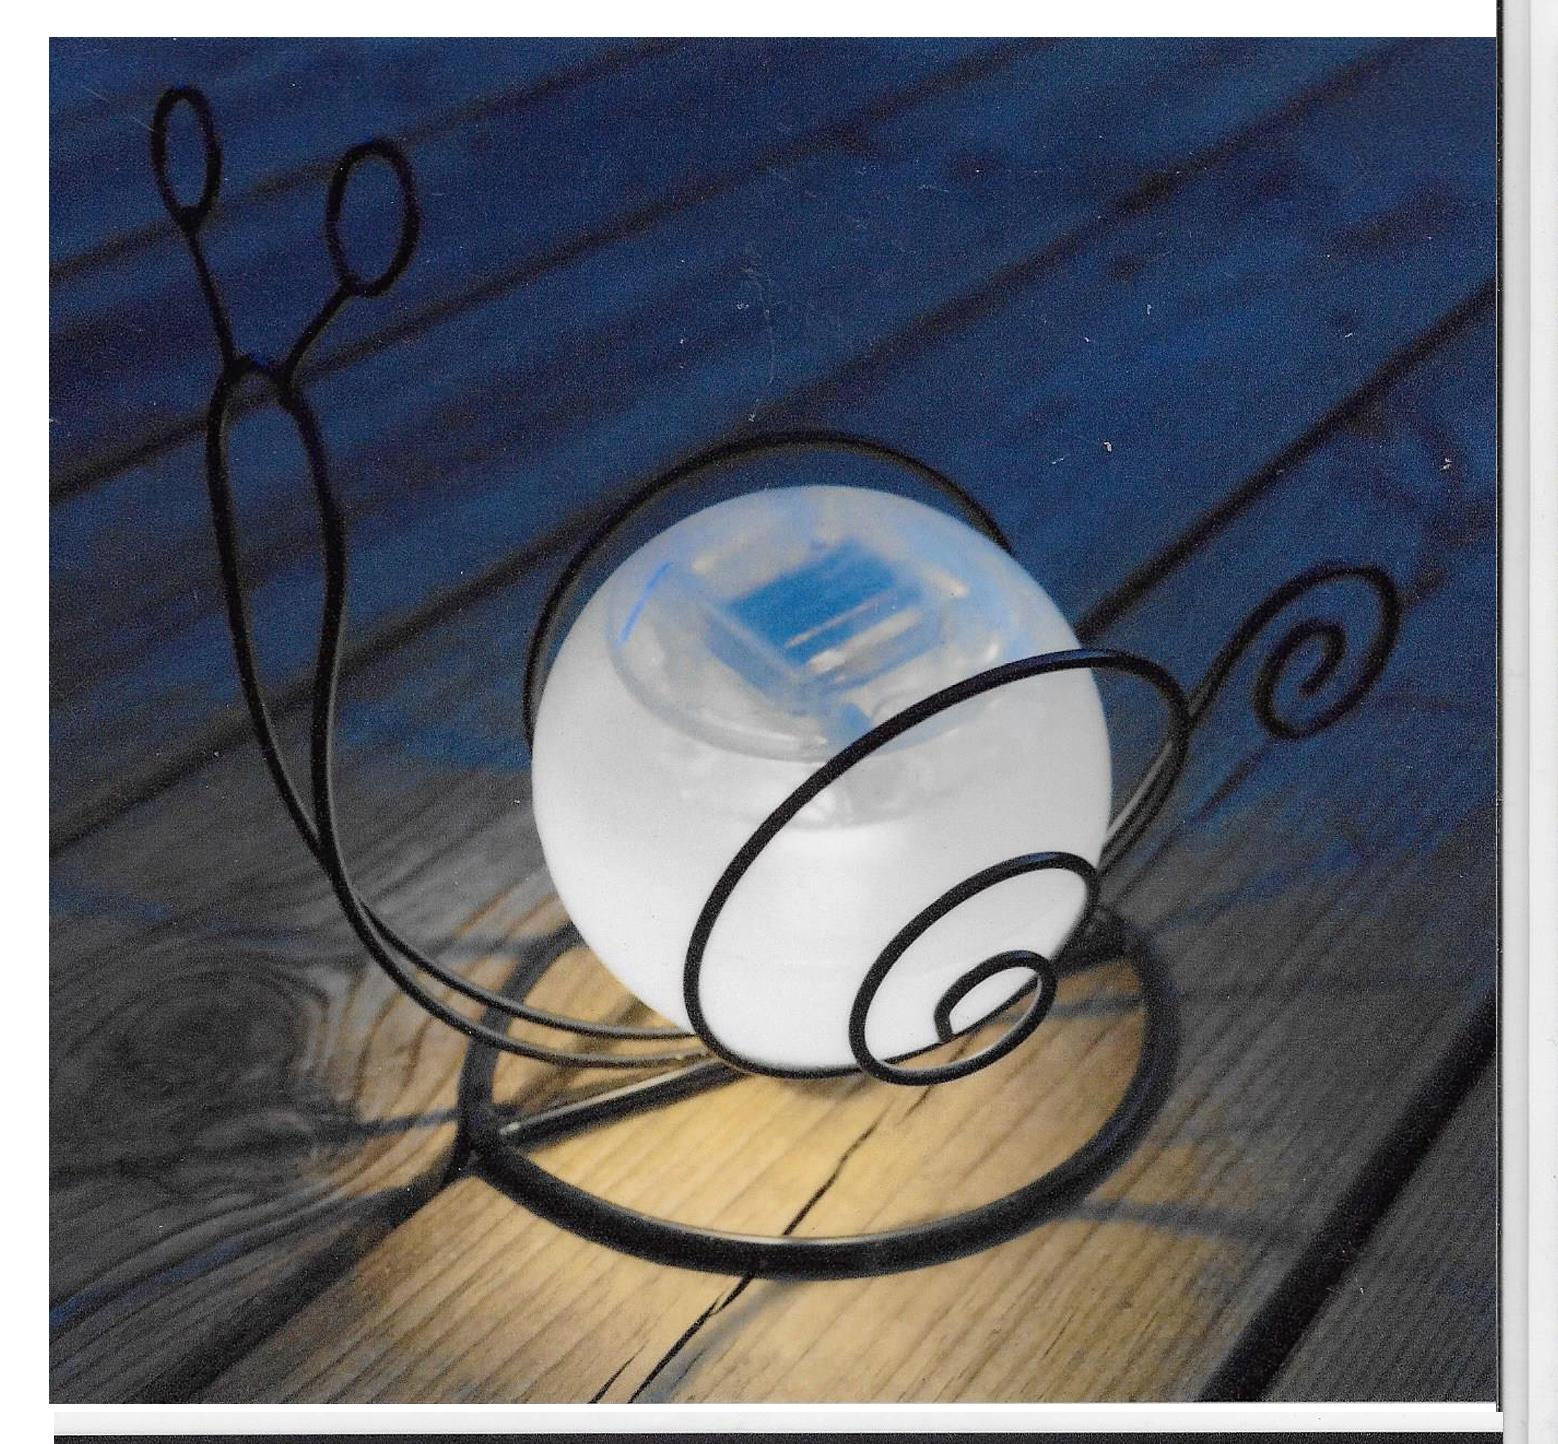 Snigel Solcellslampor i mörker